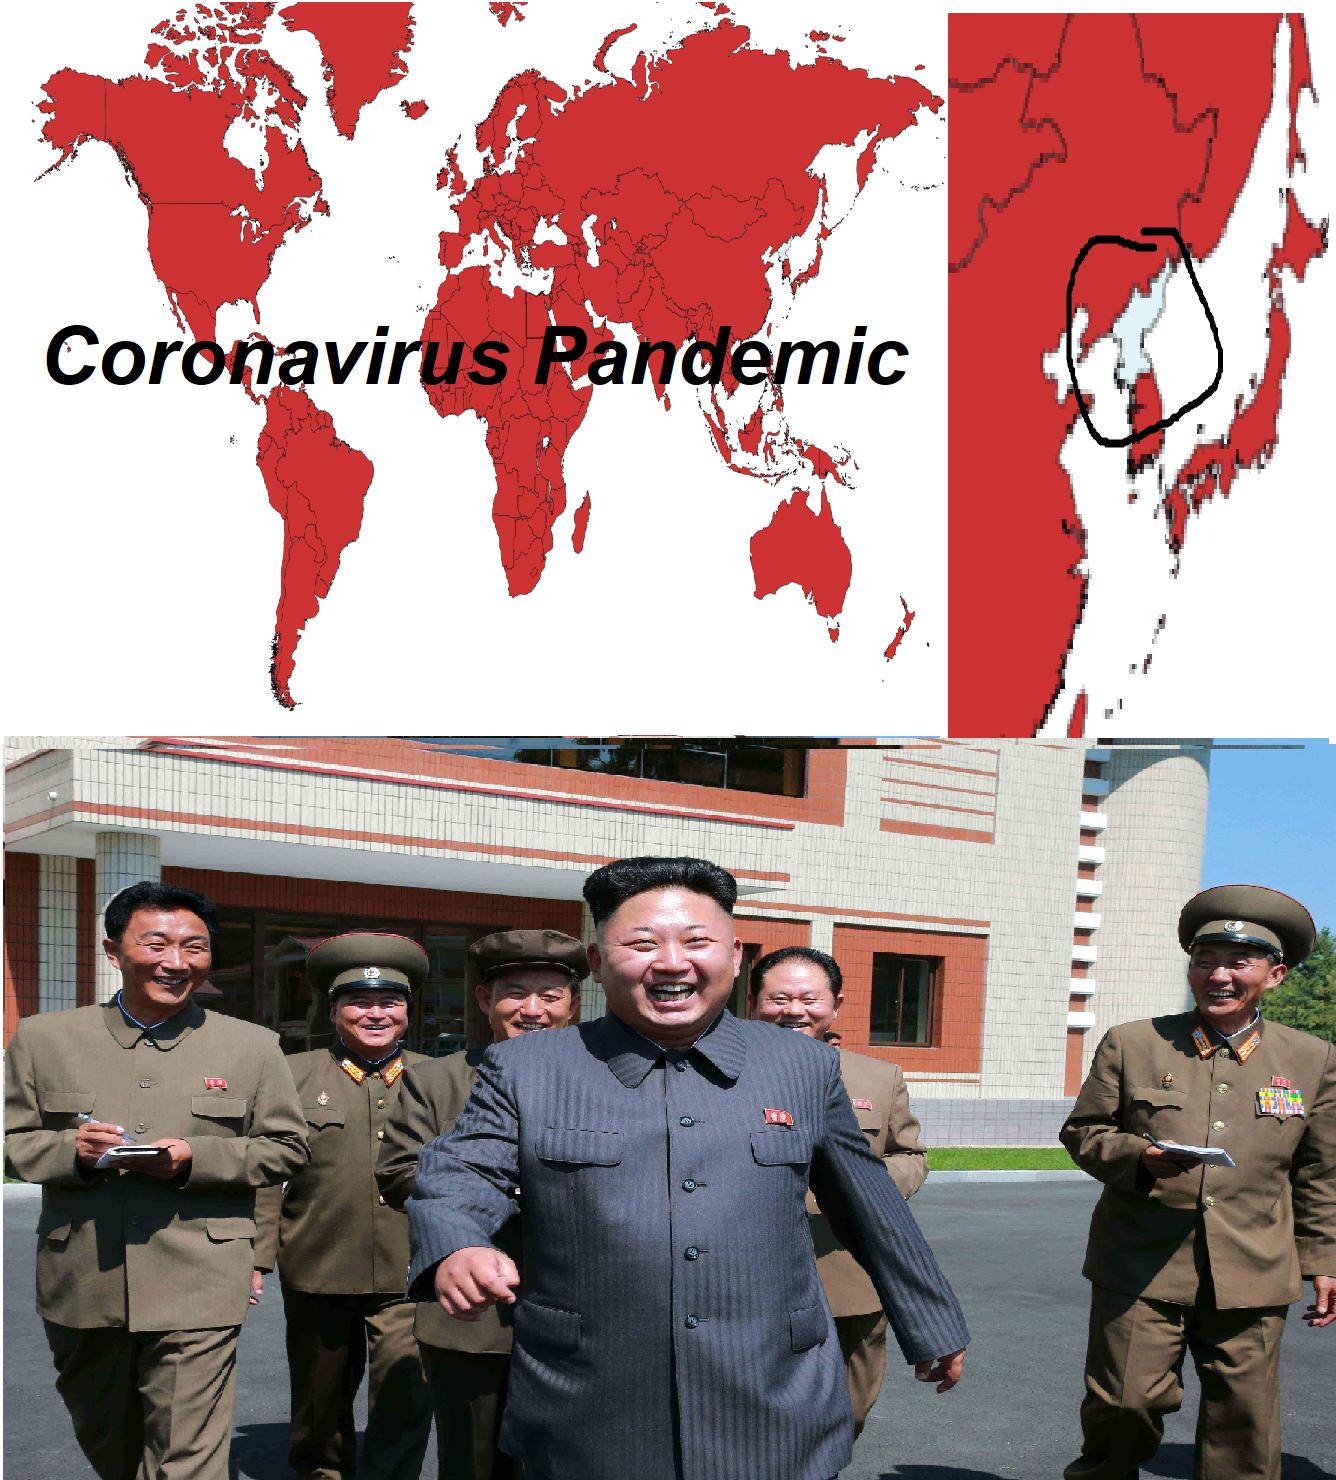 When coronavirus kills everyone